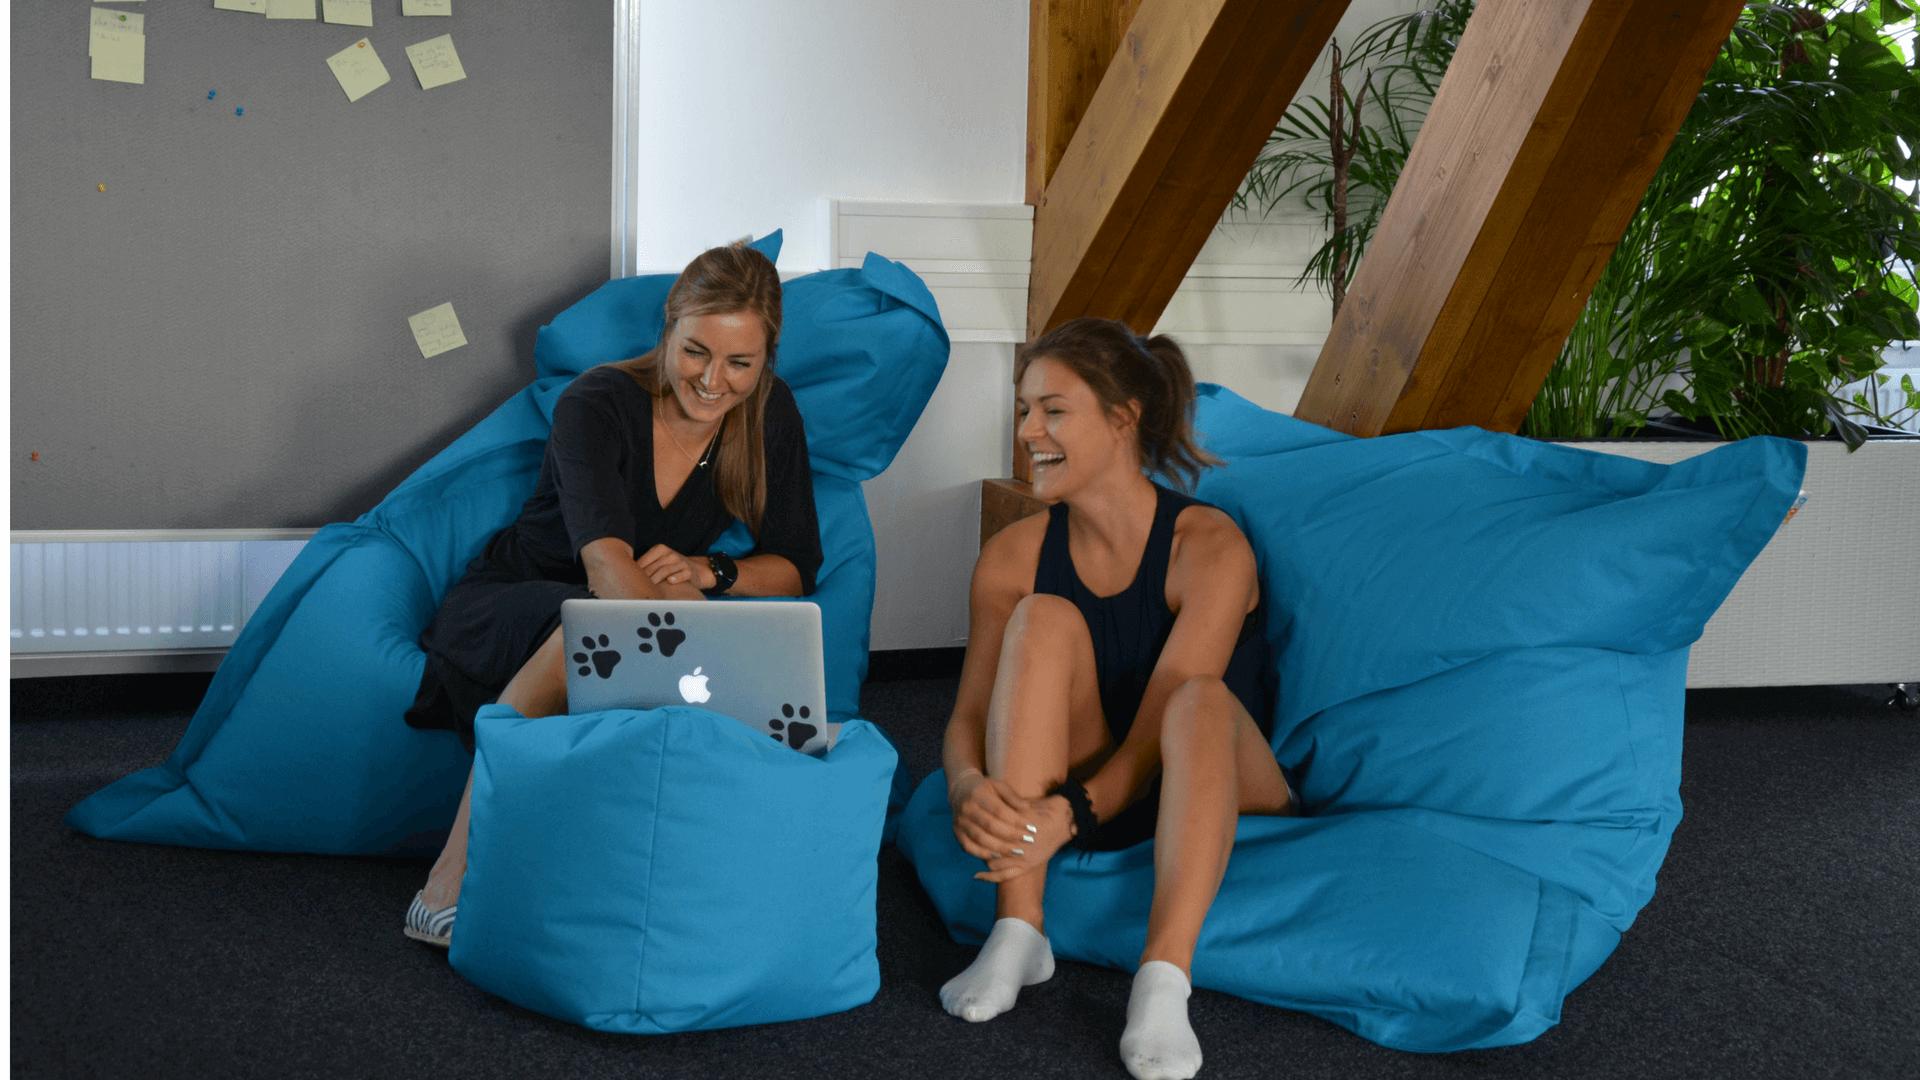 Ein Marketing-Praktikum bei Tractive macht richtig Spaß